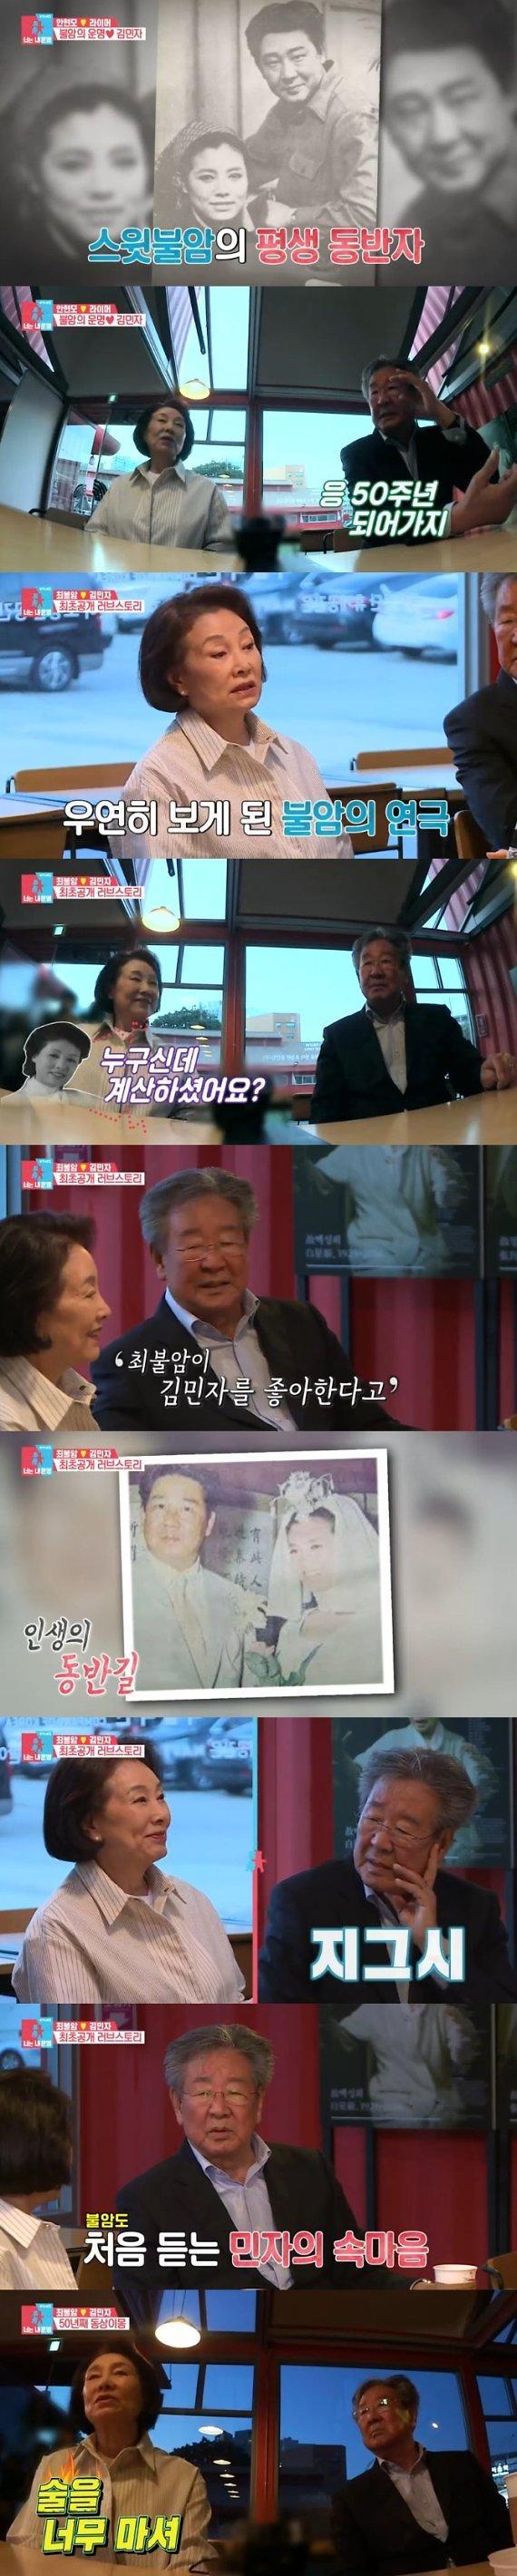 최불암 김민자, 동상이몽2 출연에 시청률도 껑충…동시간대 1위 기록